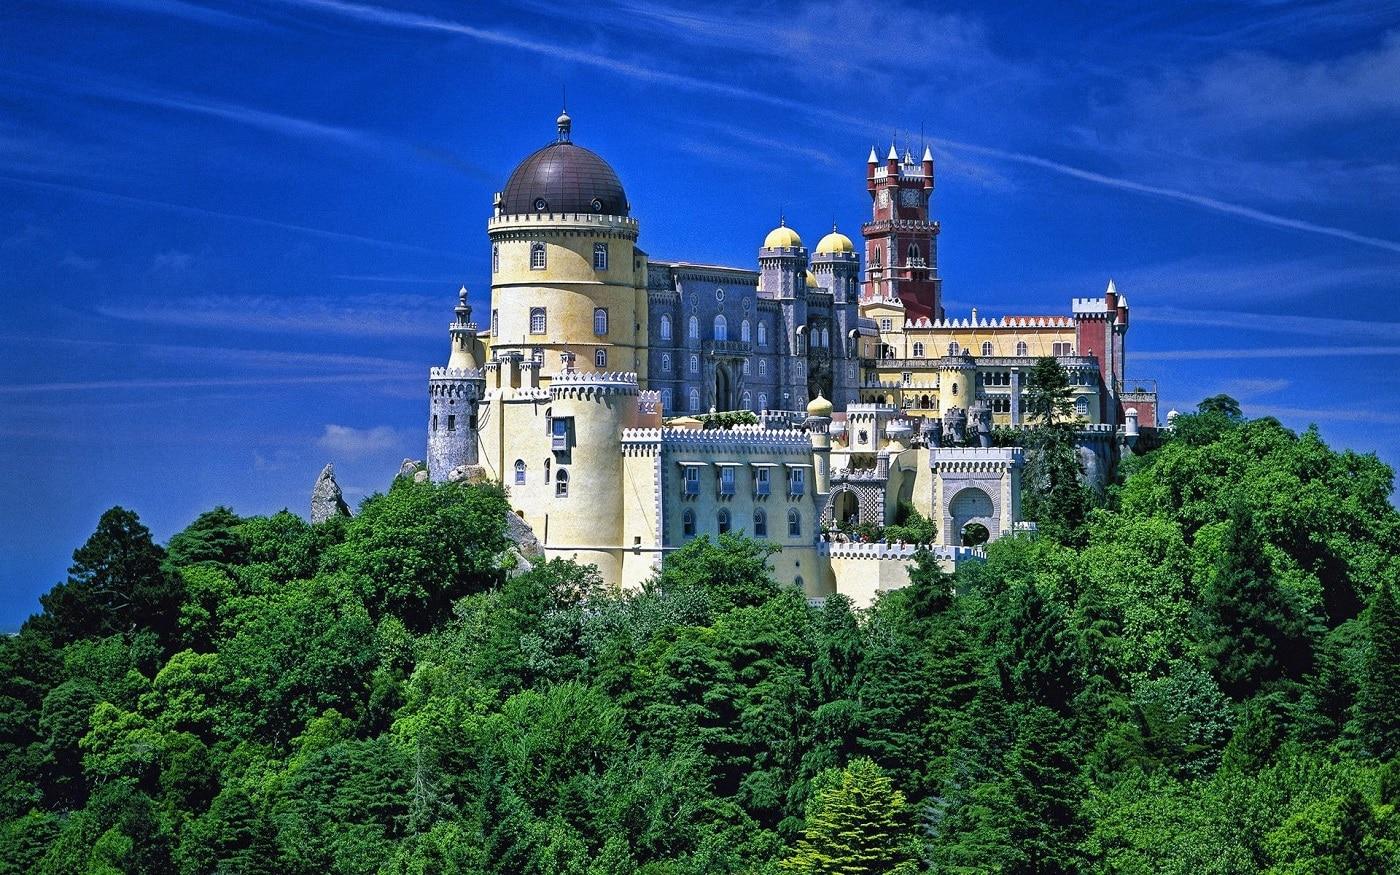 În zilele senine, palatul poate fi observat de la mari distanțe